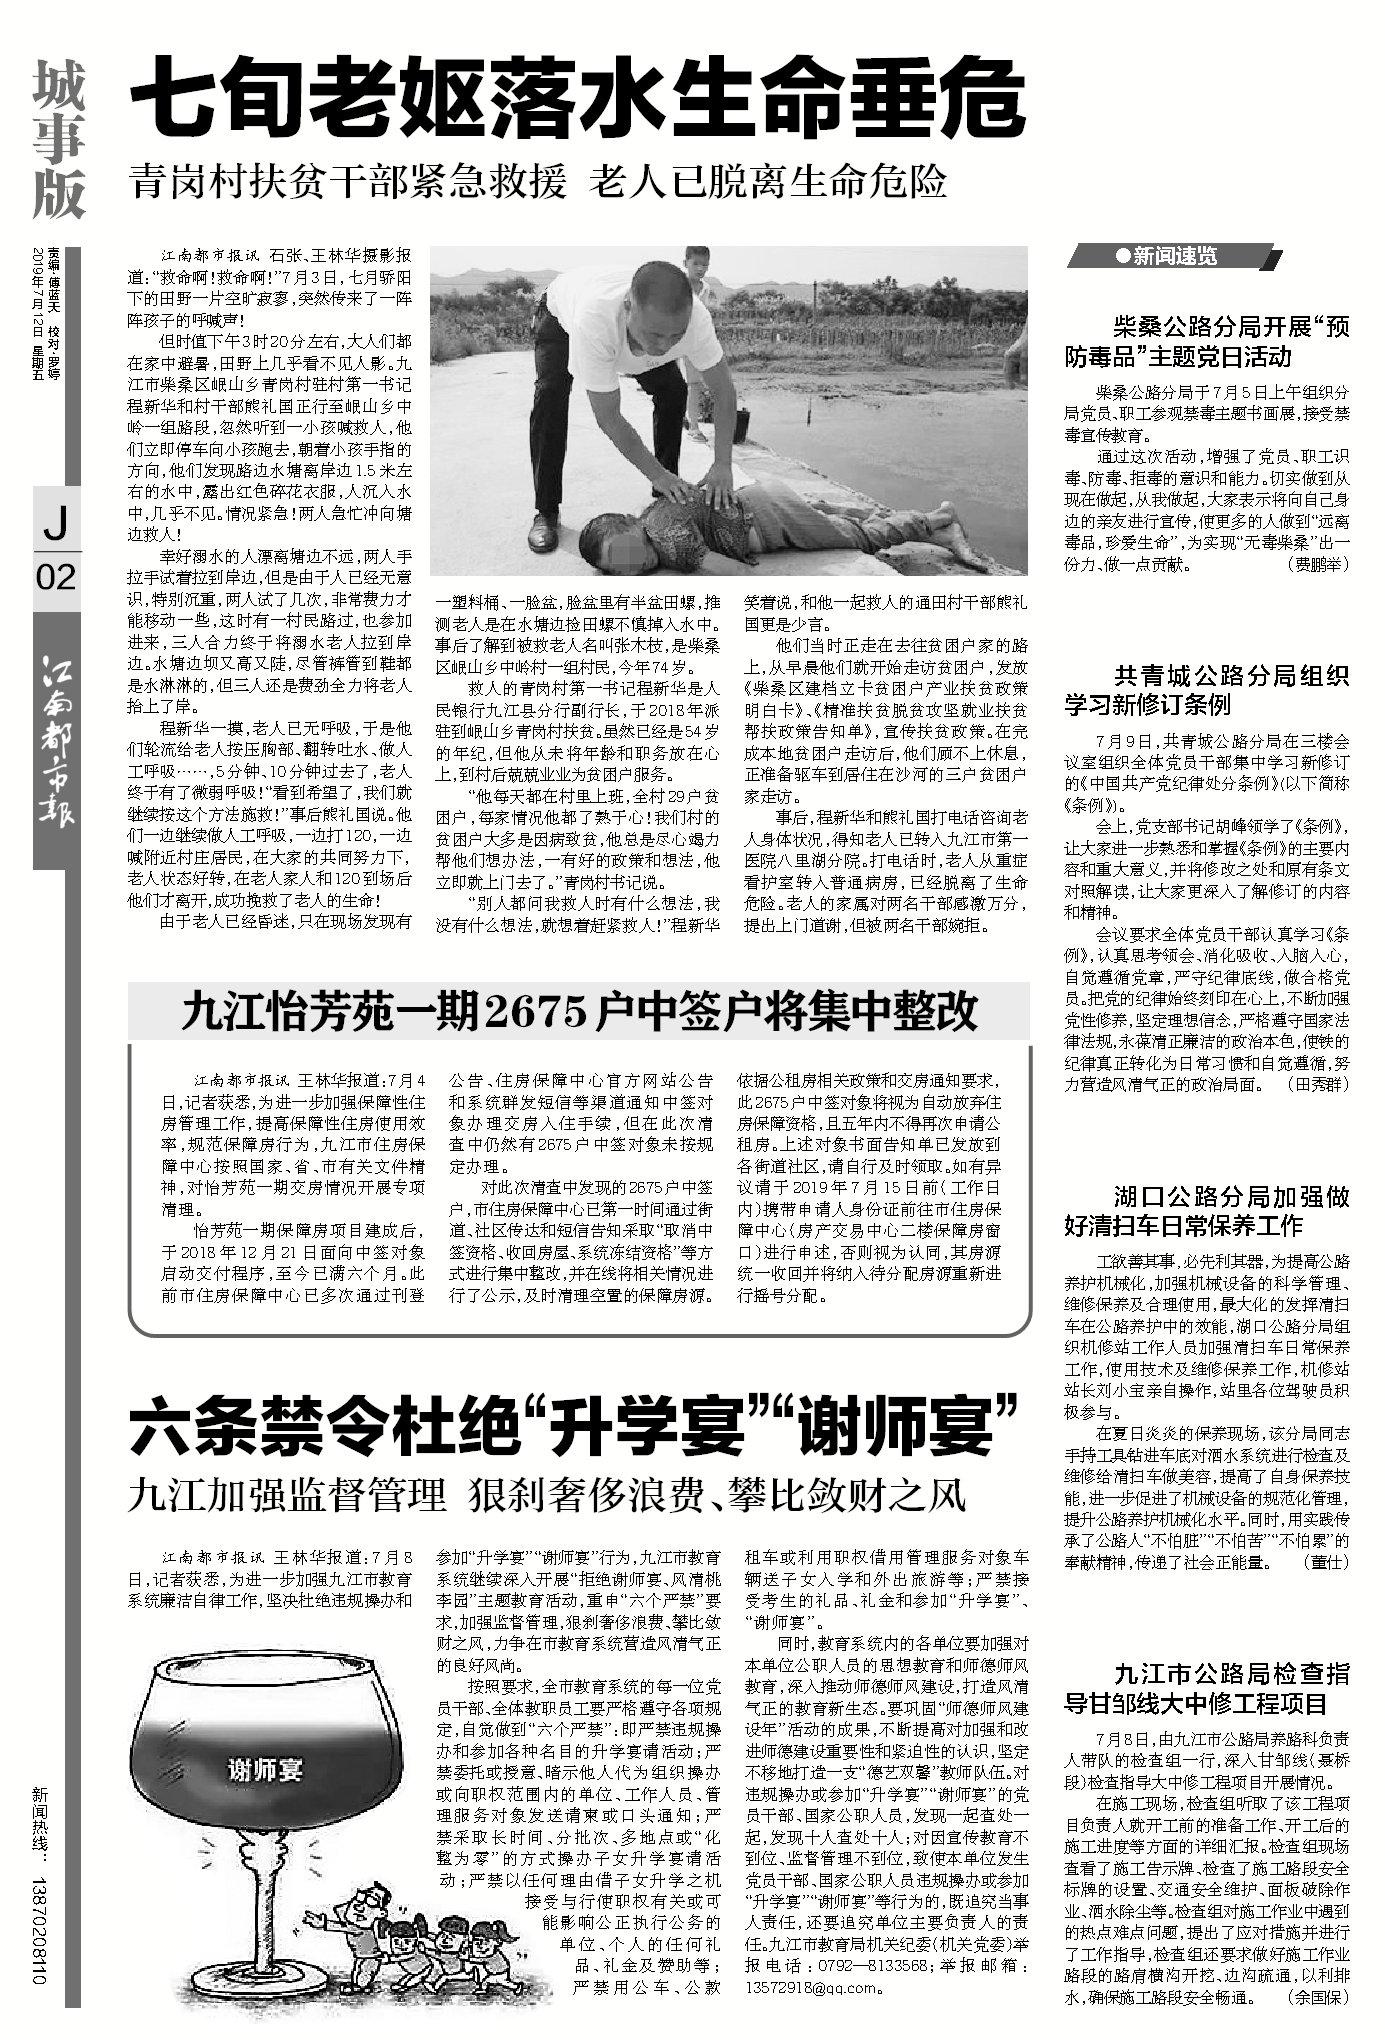 2019年7月12日江南都市报《亚博体育app苹果新闻》城事版